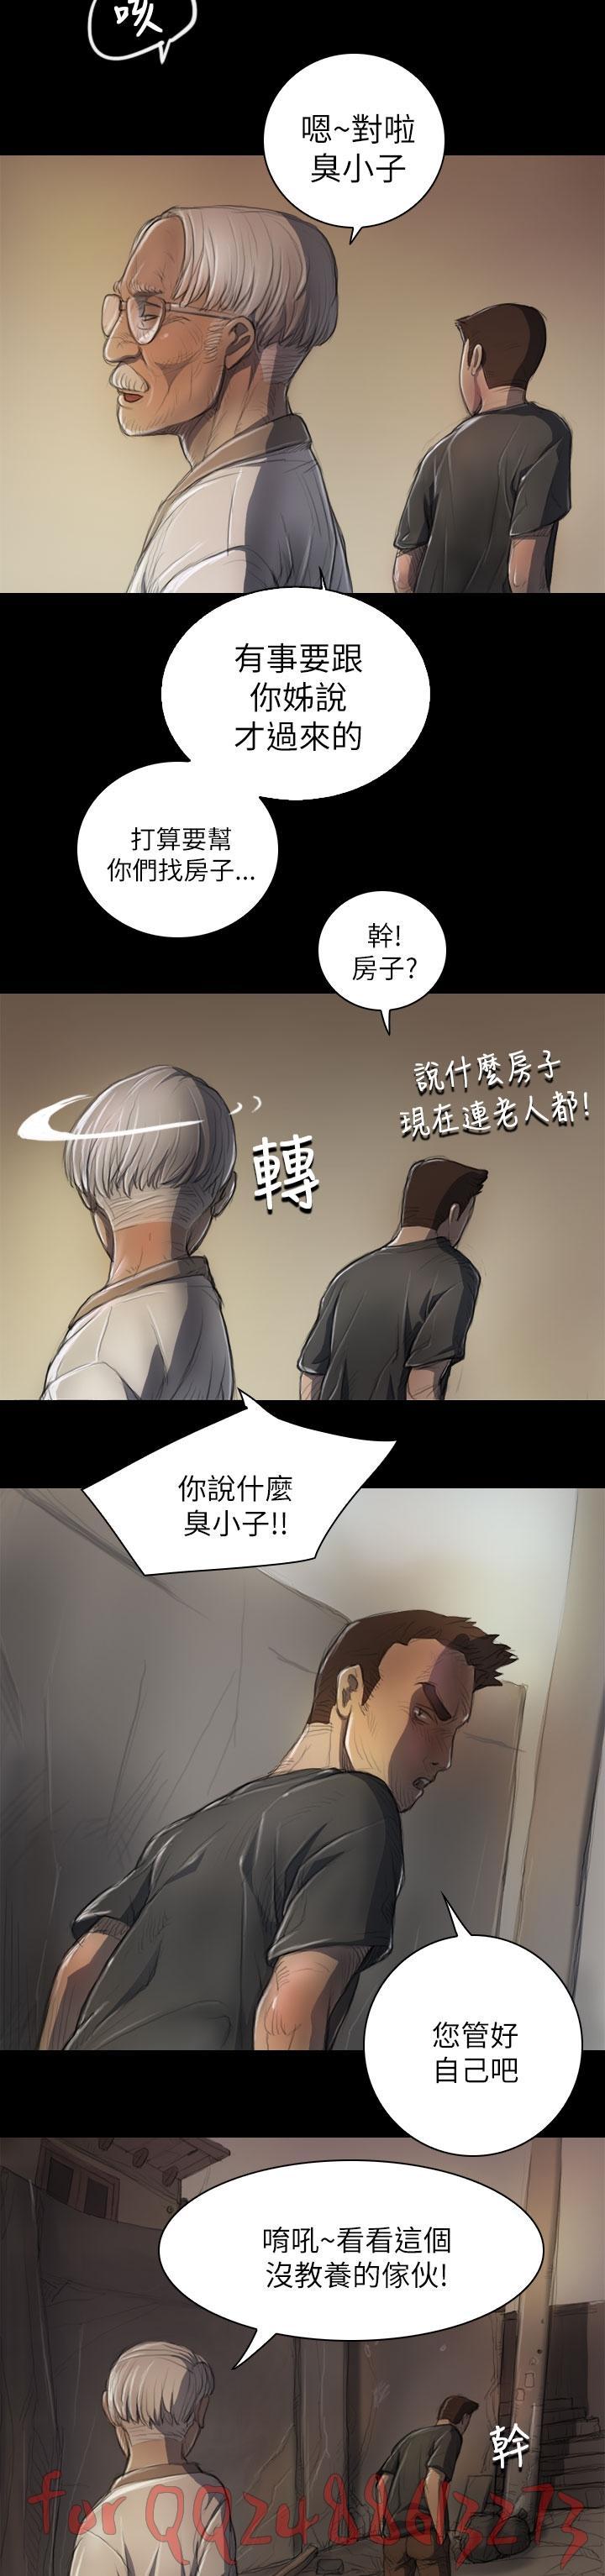 姊姊: 莲 第1~10話 [Chinese]中文 201